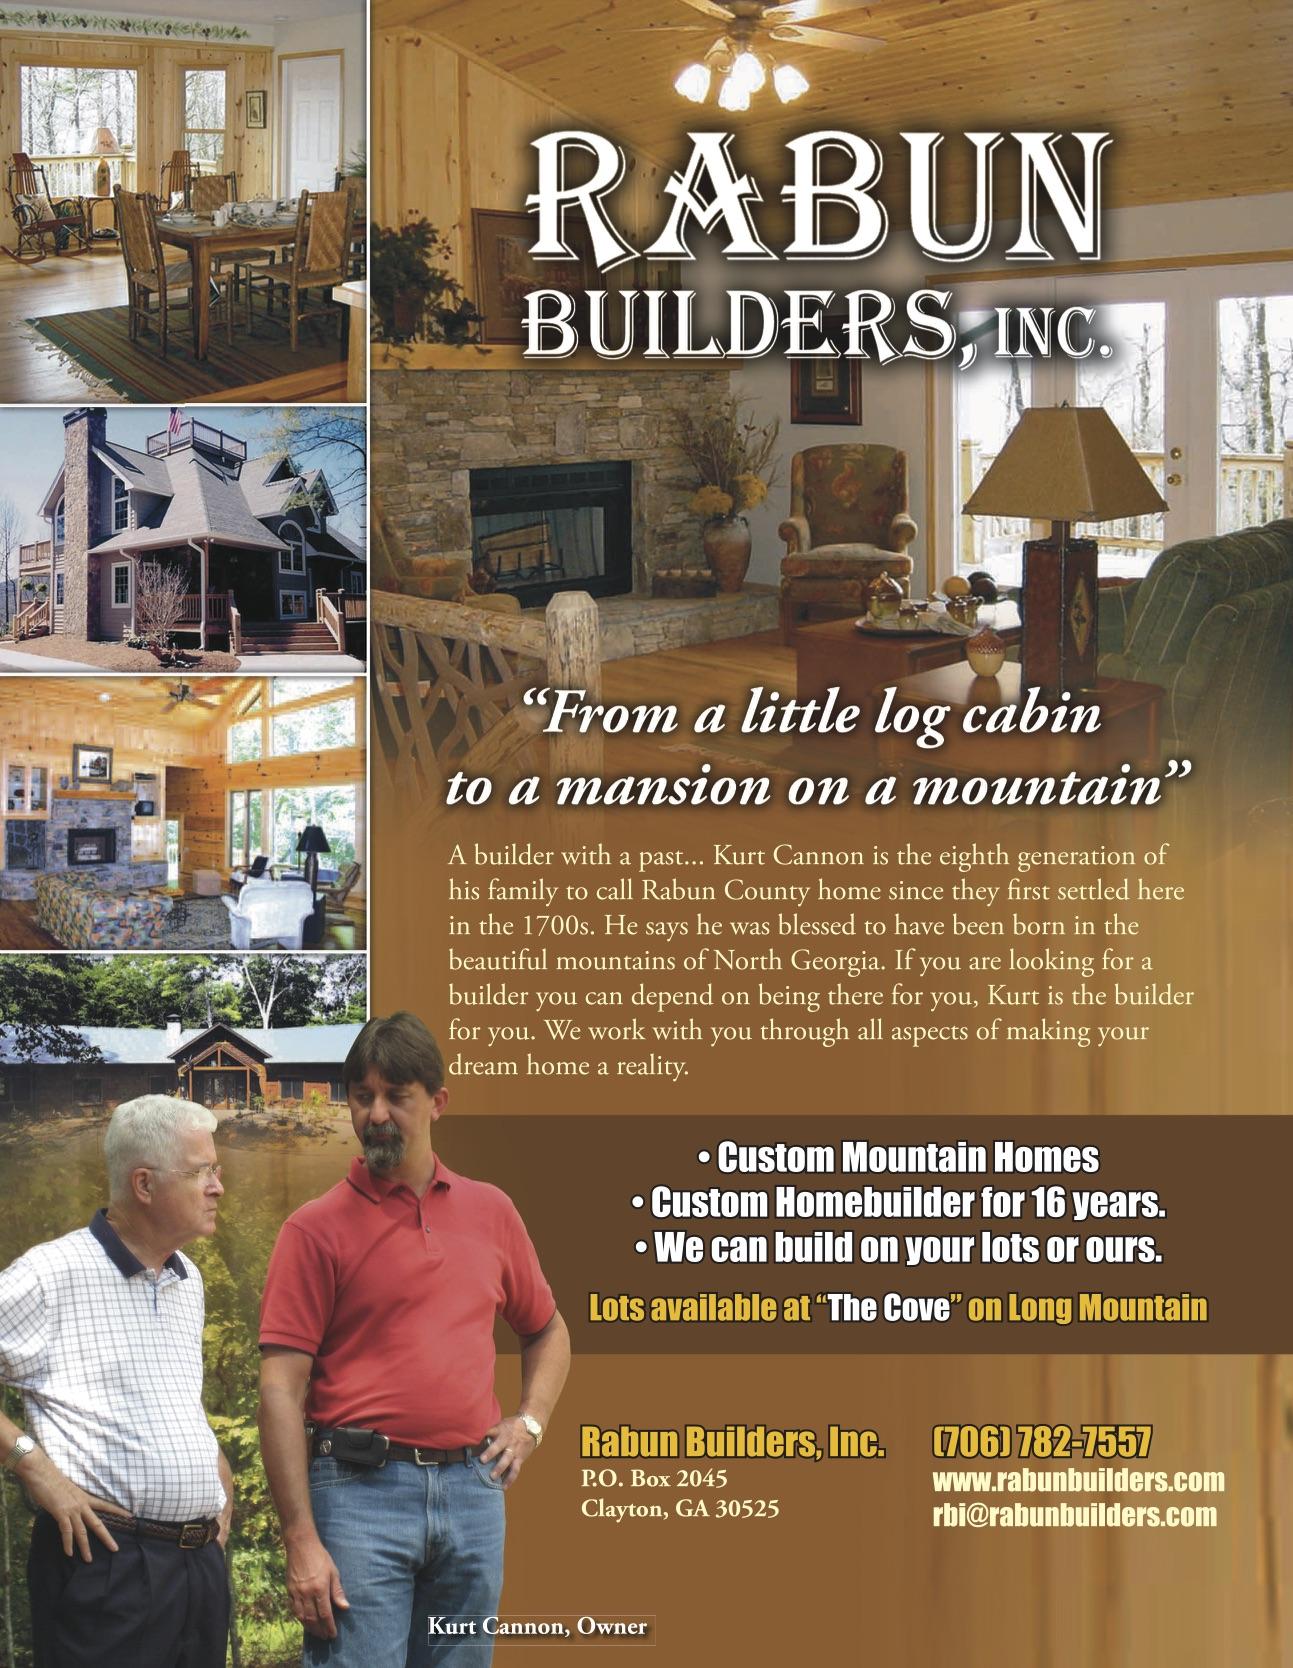 Georgia Builder - October 2006